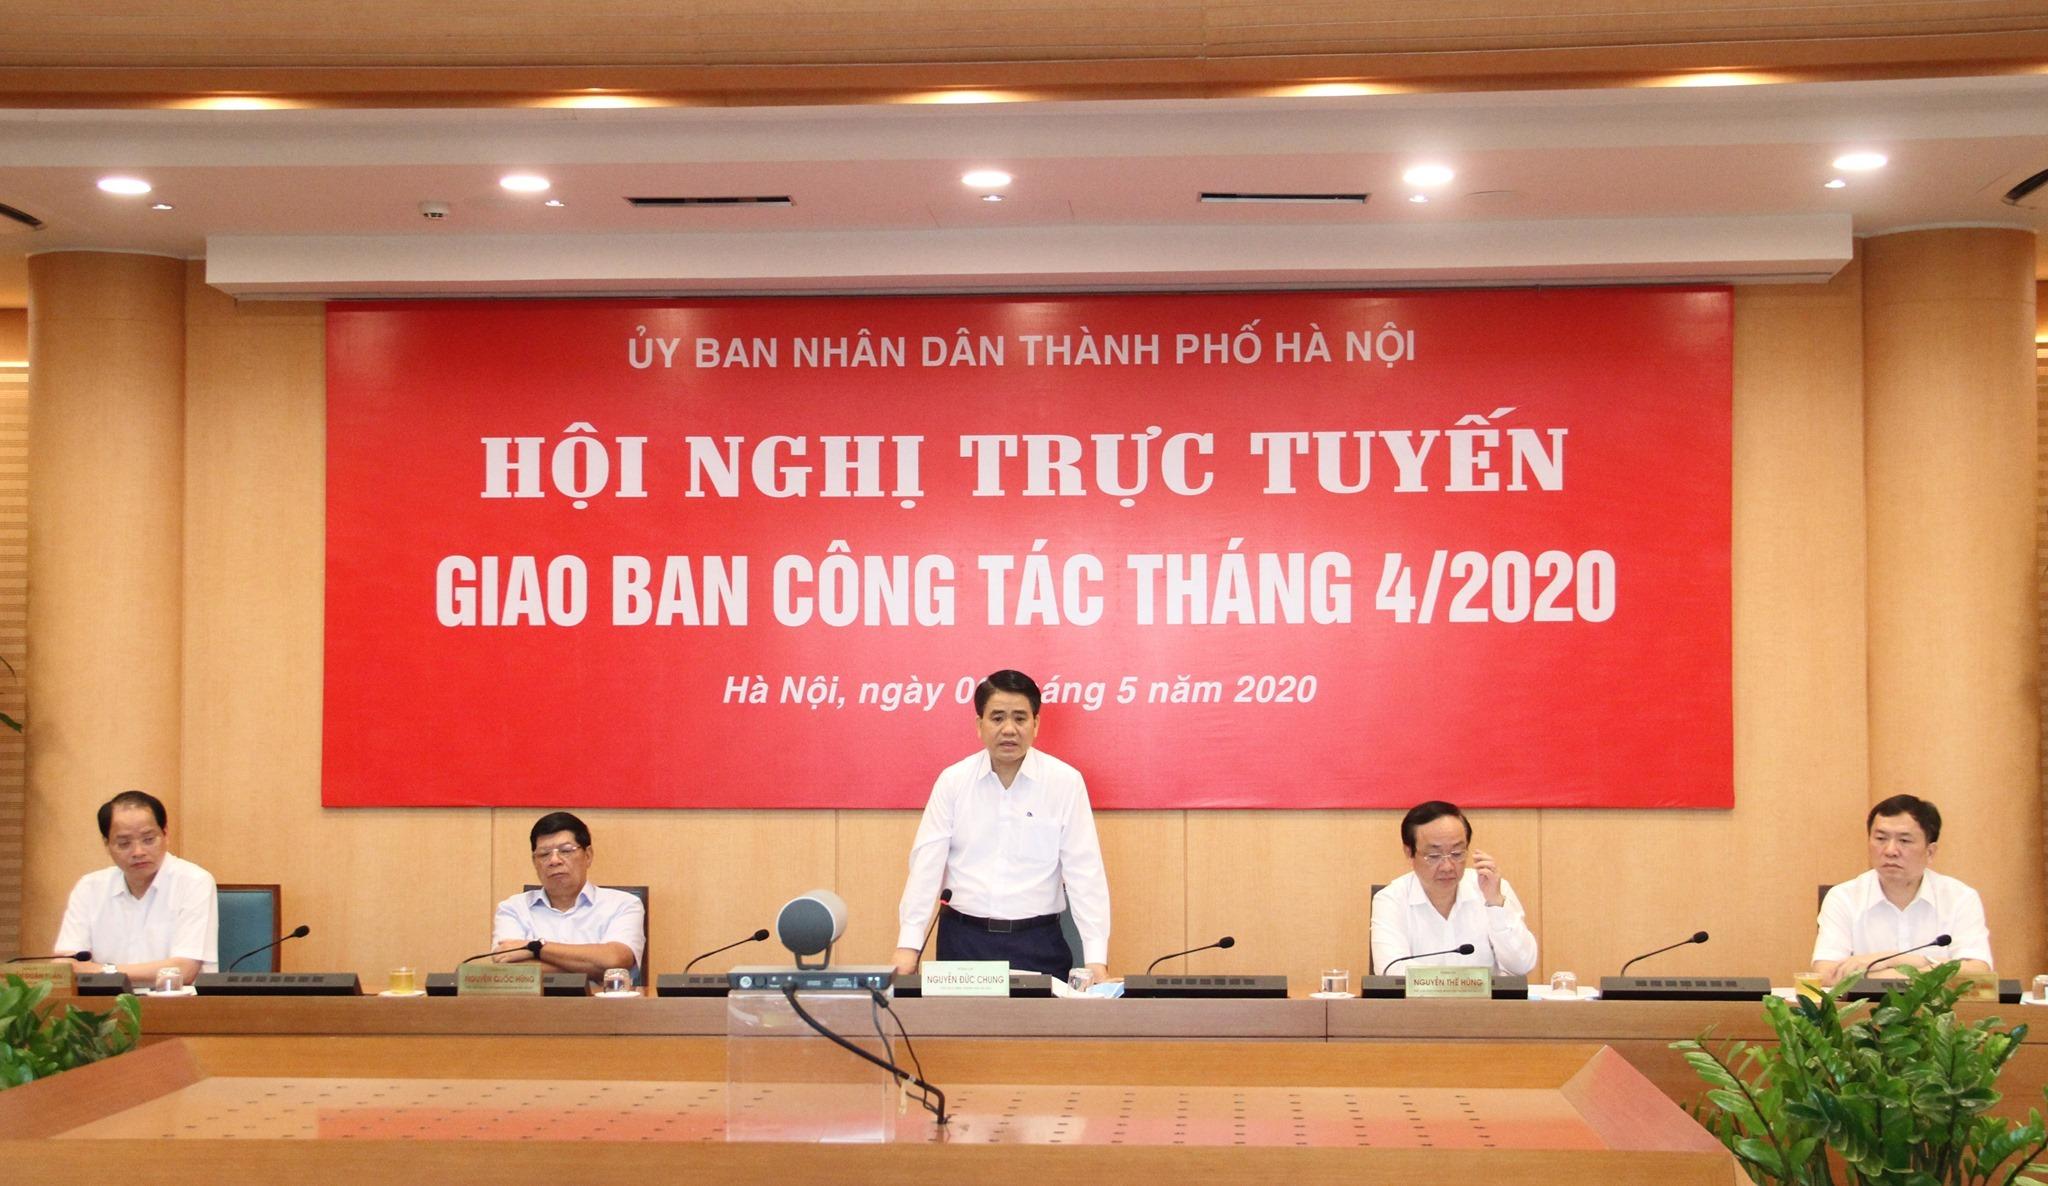 1.200 cơ sở lưu trú tại Hà Nội tạm dừng hoạt động vì Covid -19